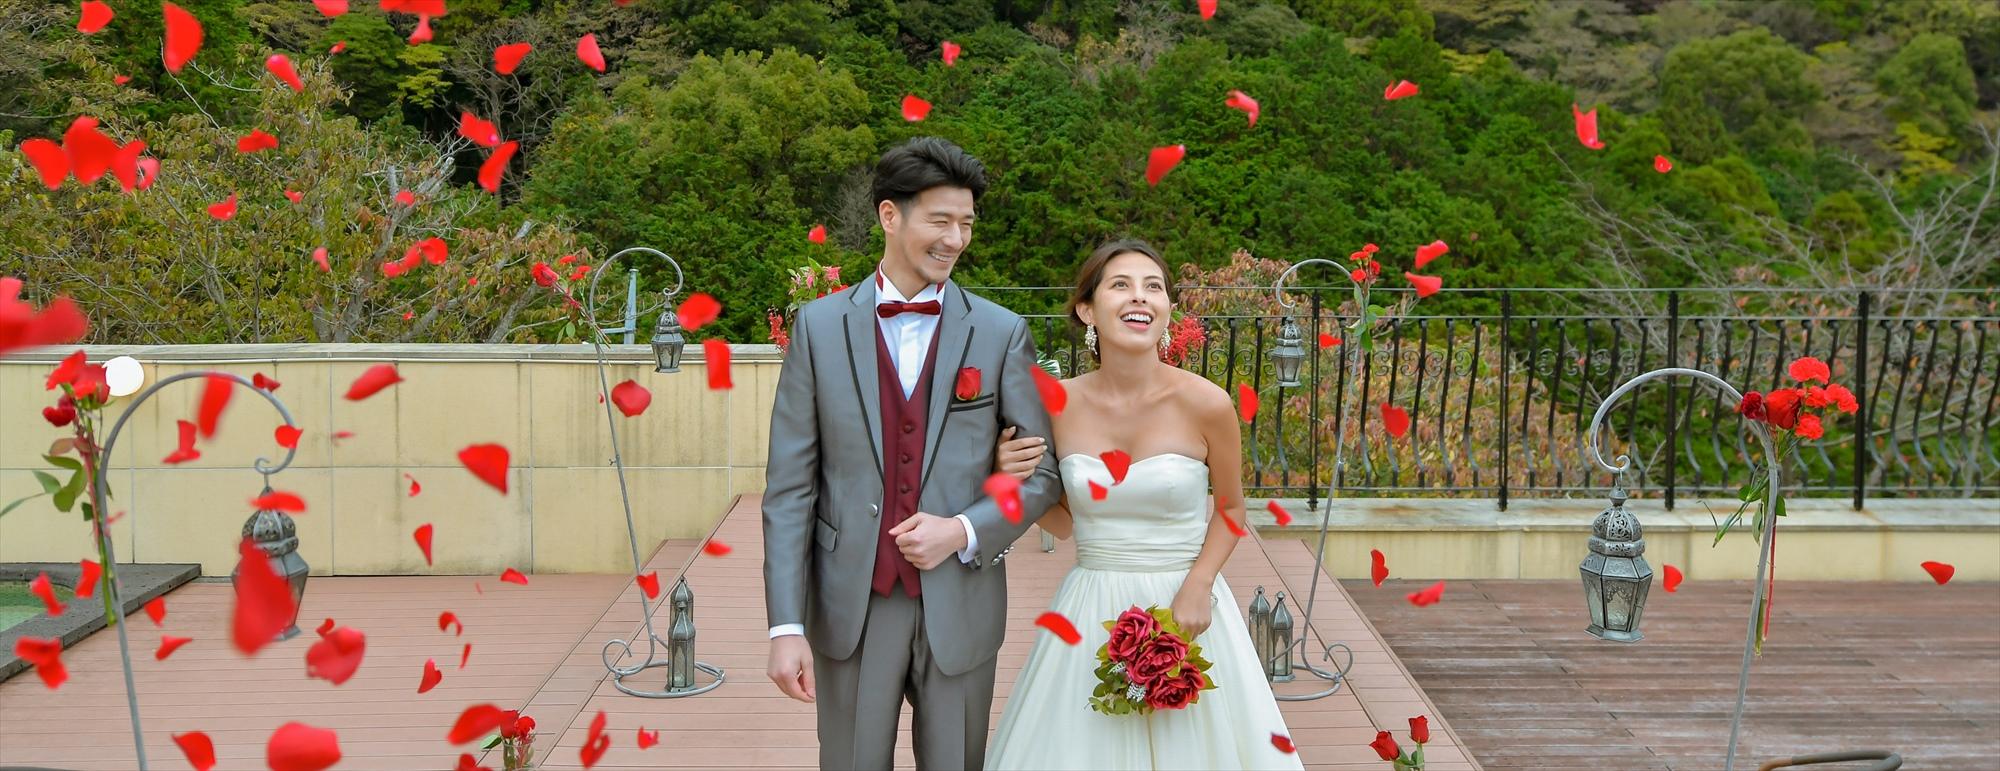 熱海結婚式 一棟貸切プライベート挙式 Atami Resort & Spa Private House Wedding  熱海リゾート&スパ貸切挙式 フラワーシャワー